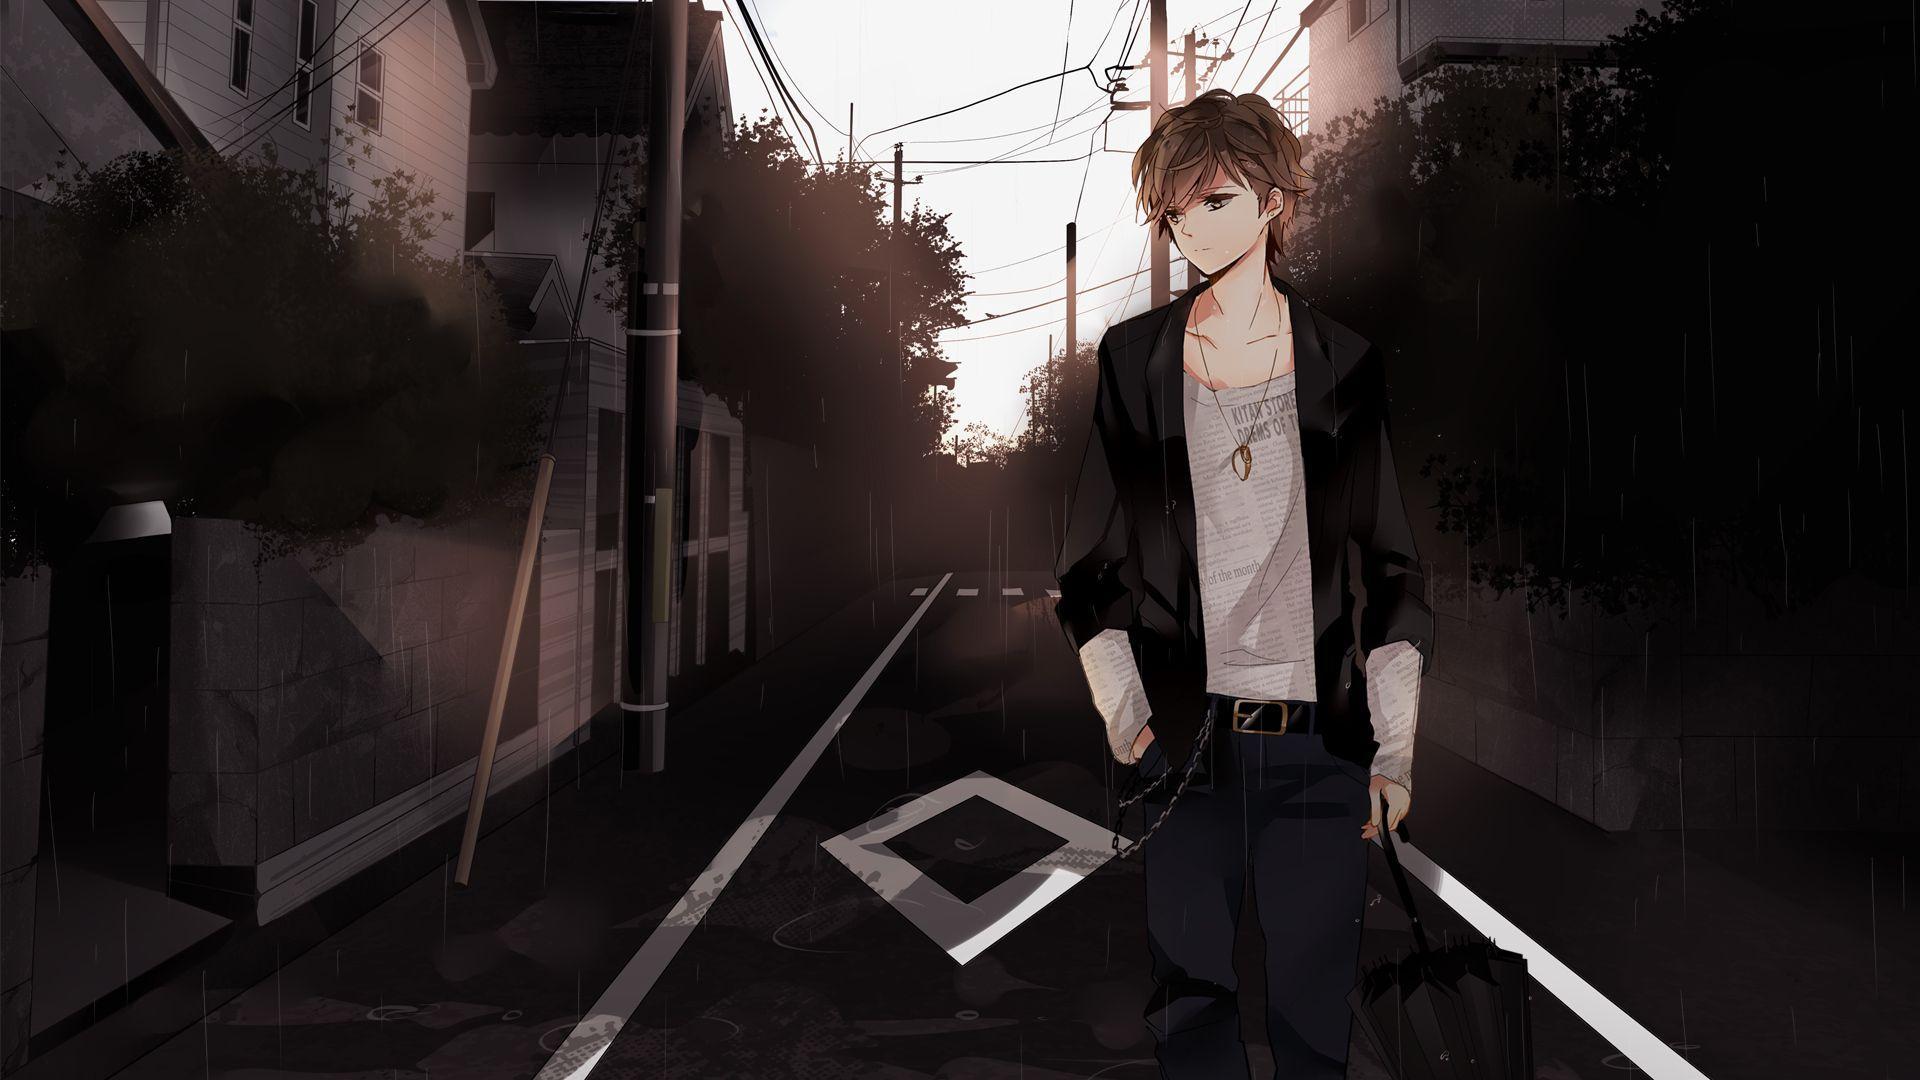 sad anime boy wallpapers